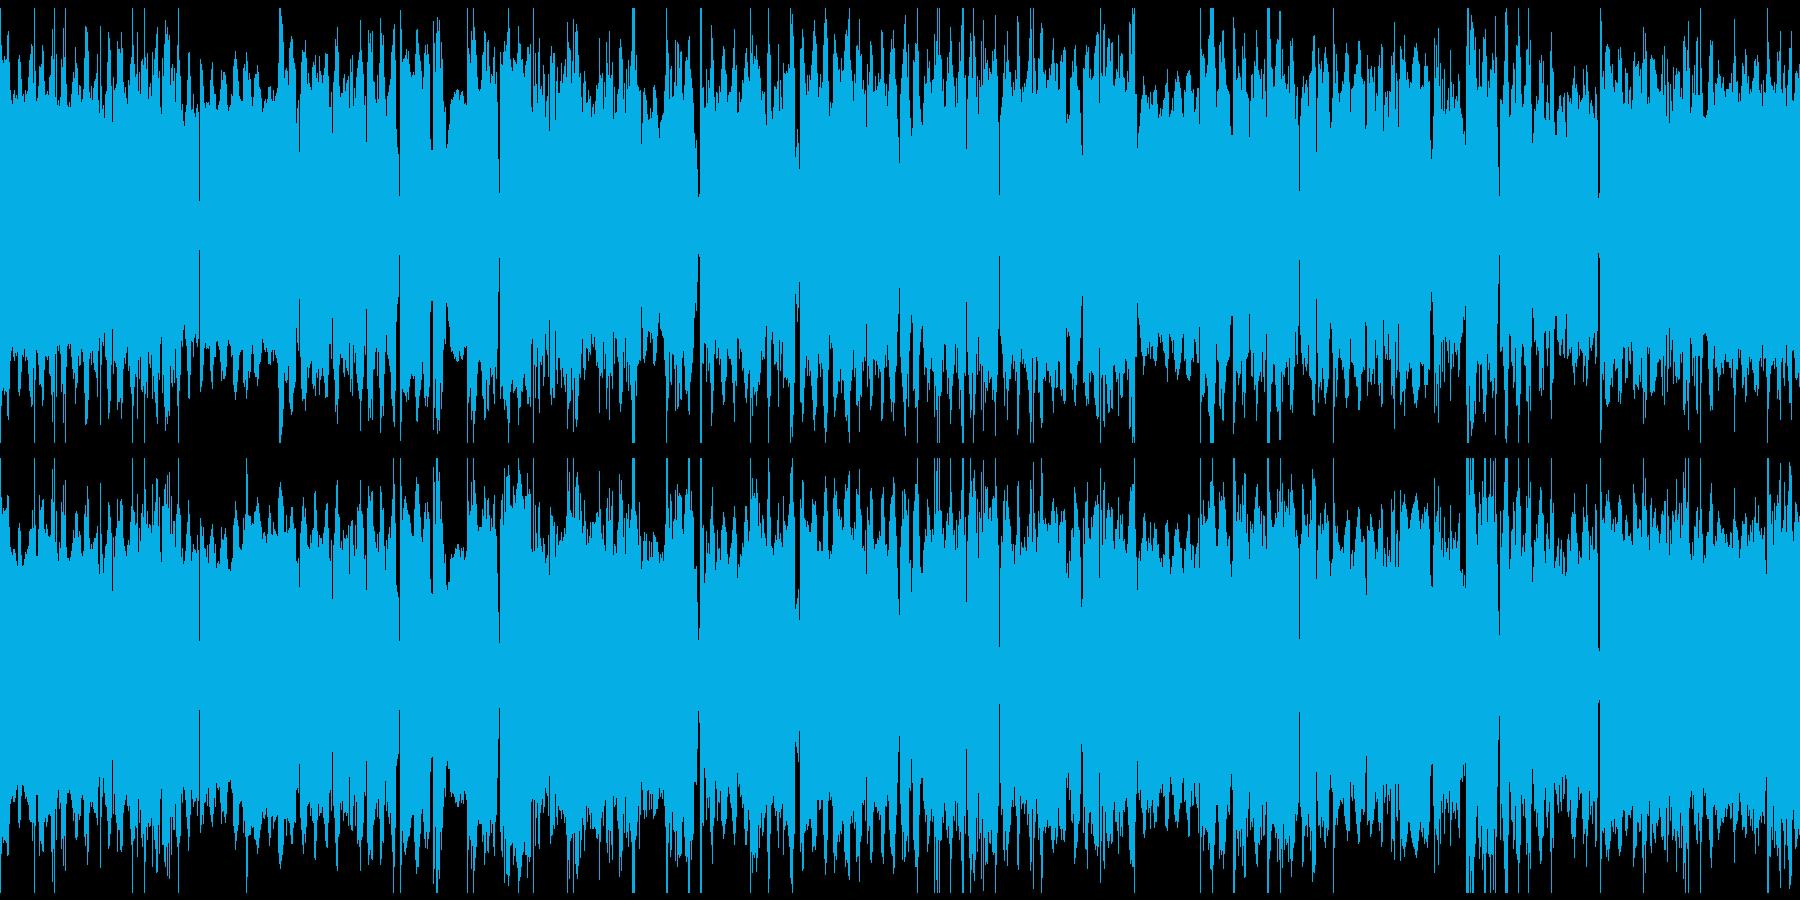 オルガンの三拍子BGM(ループ)の再生済みの波形